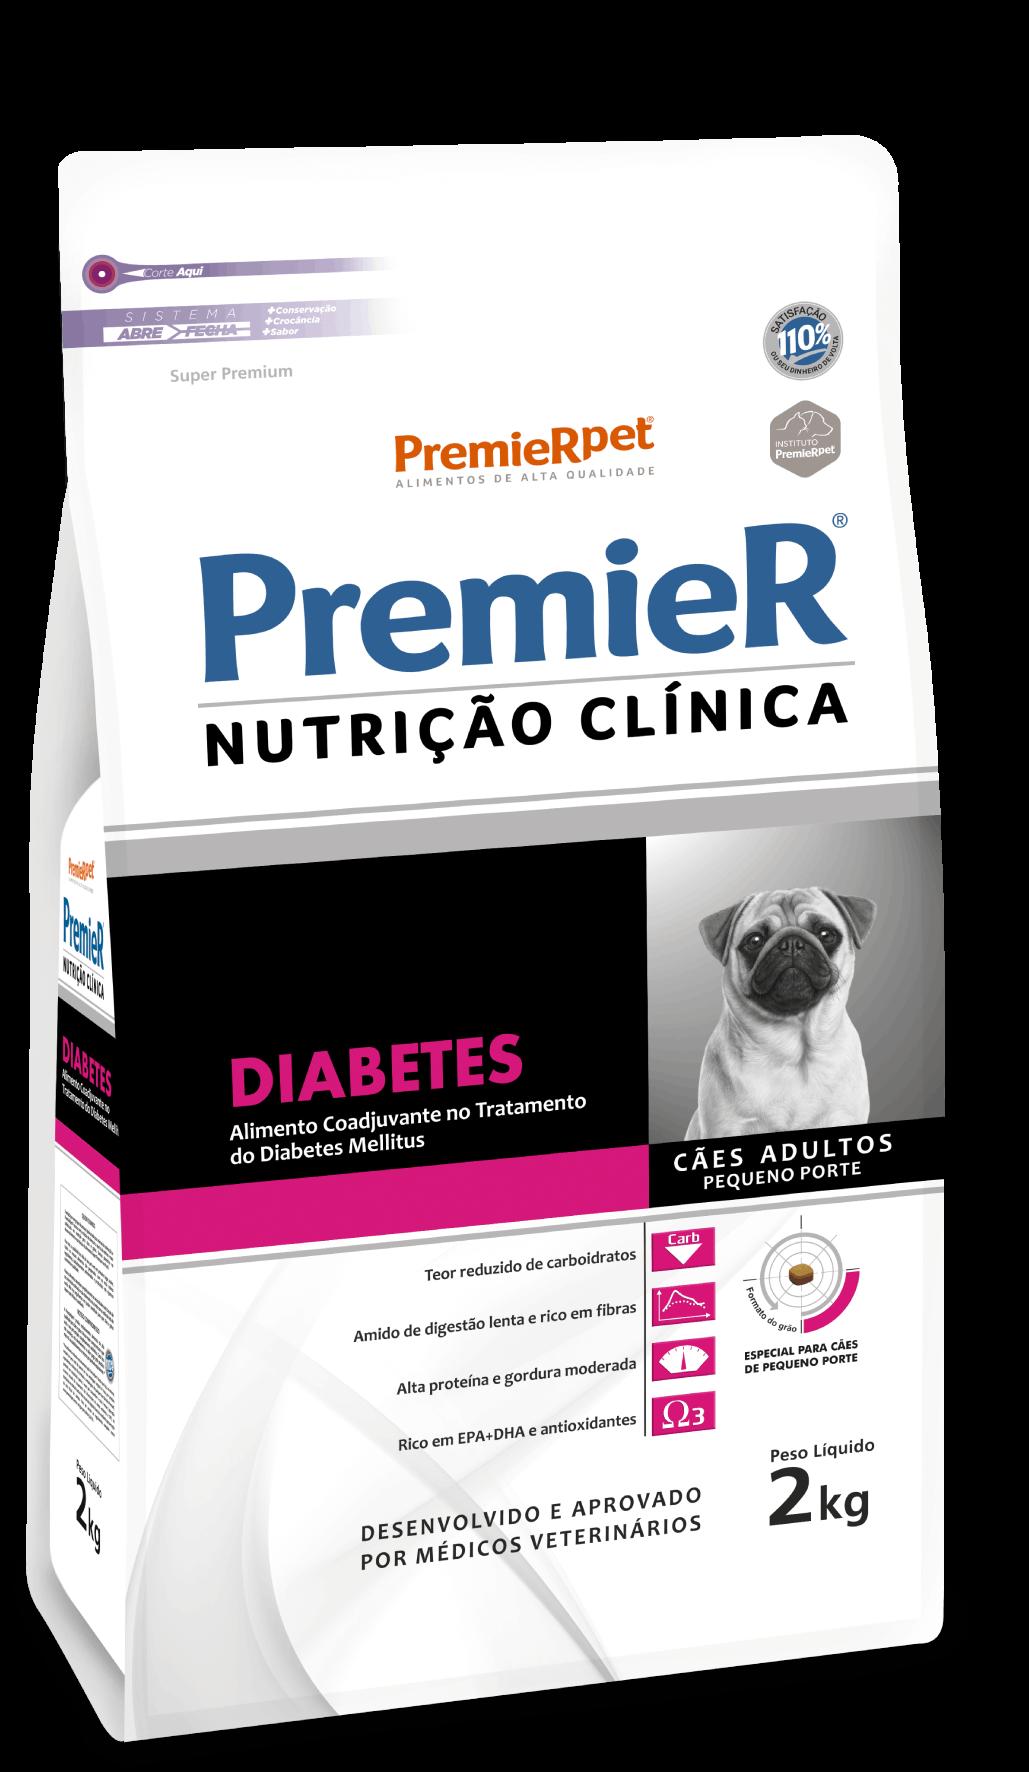 Ração Premier Pet Nutrição Clínica Diabetes para Cães Adultos Pequeno Porte- 2KG